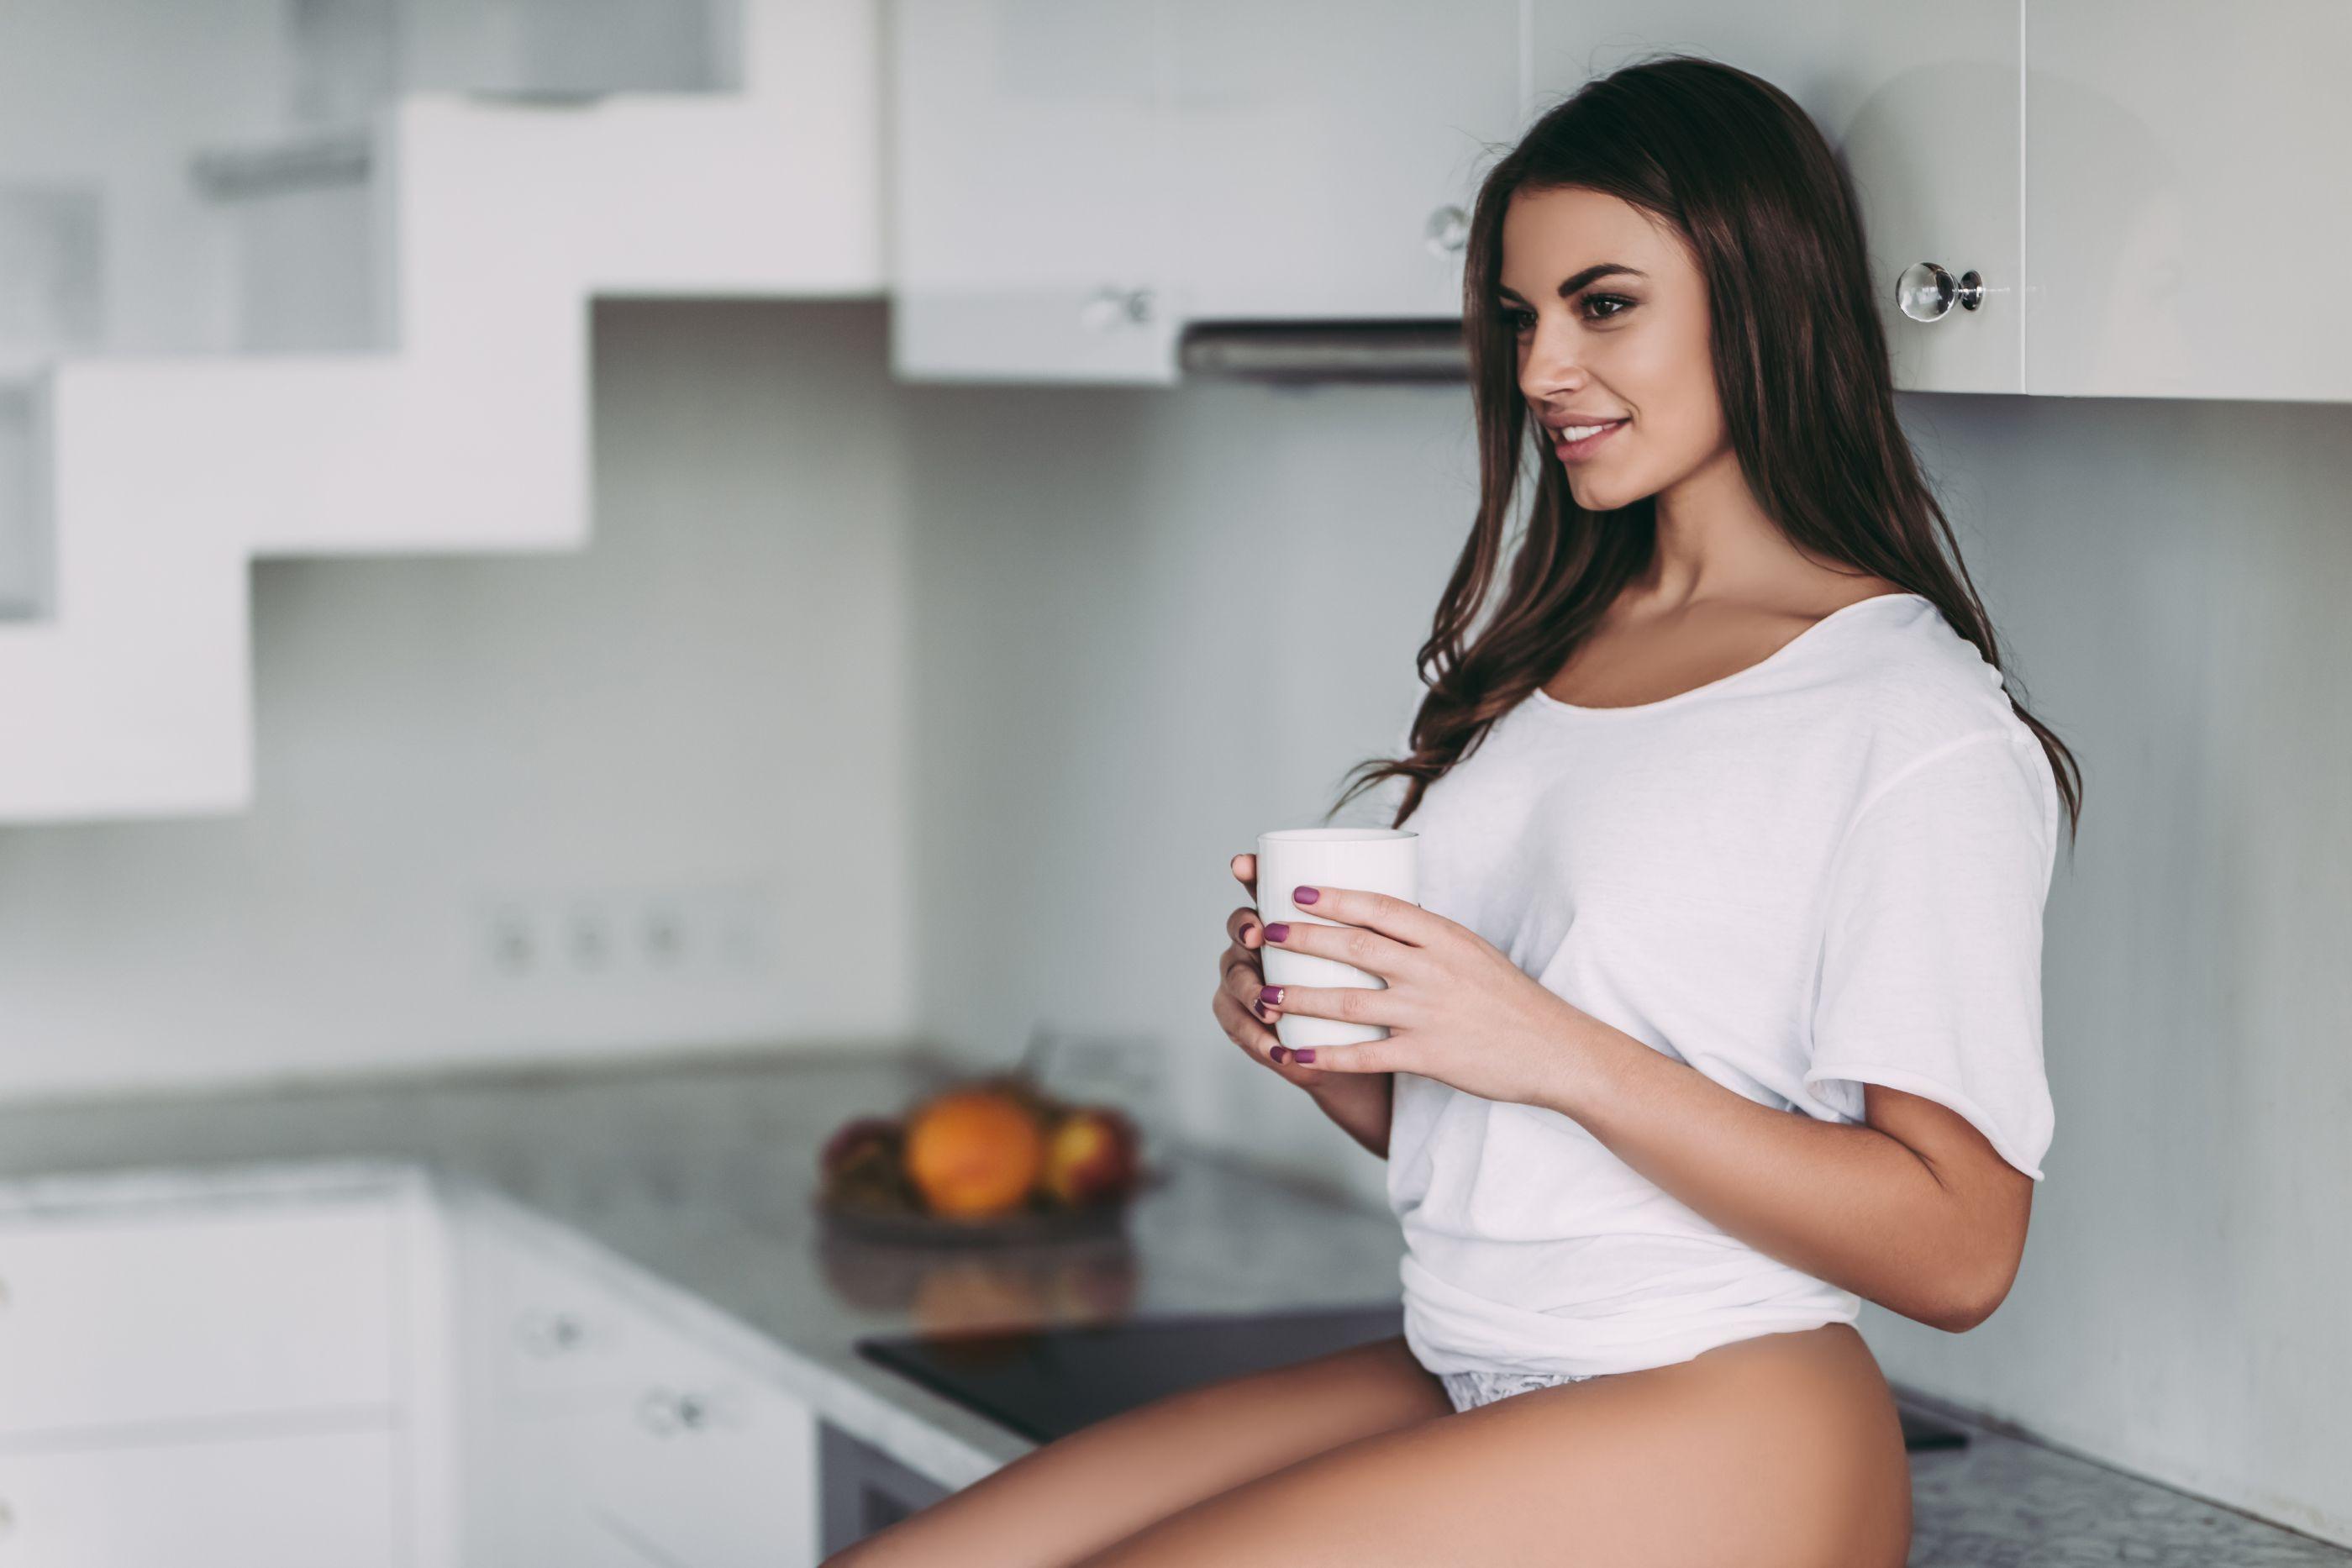 Chá indiano ajuda a queimar gordura abdominal; conheça